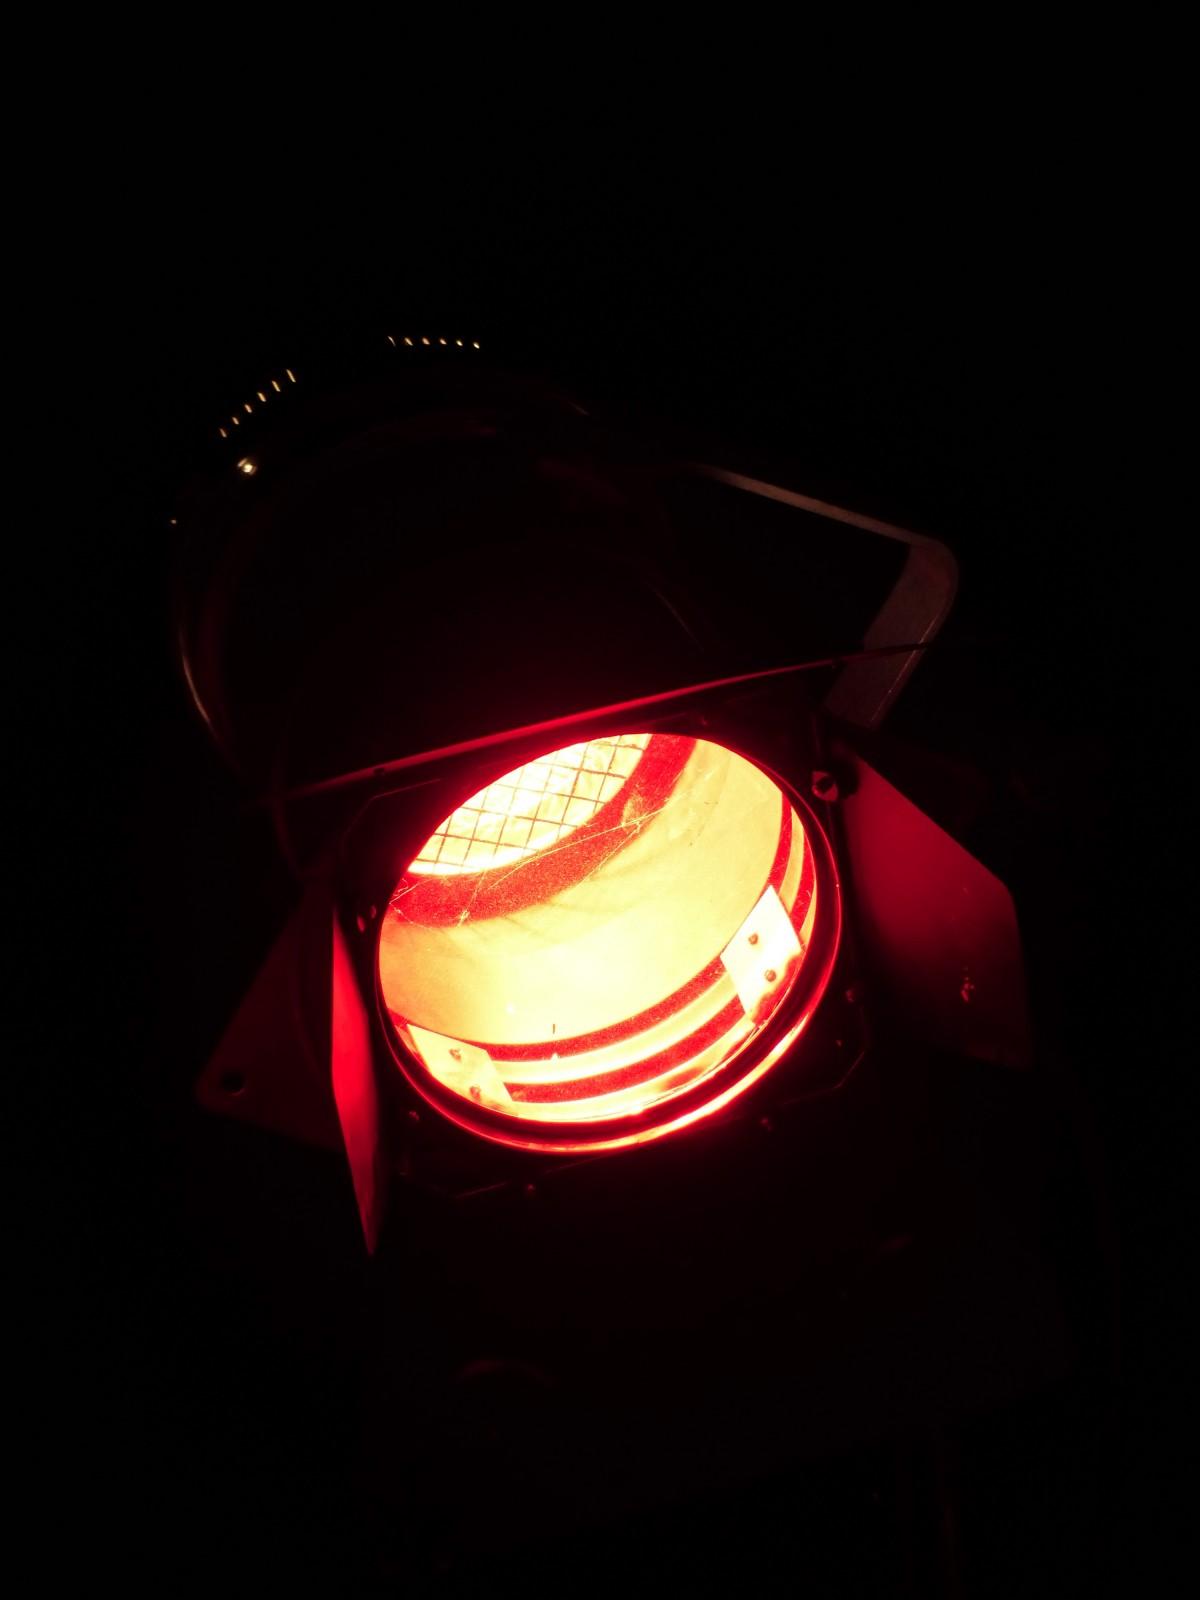 images gratuites nuit couleur obscurit lampe noir. Black Bedroom Furniture Sets. Home Design Ideas